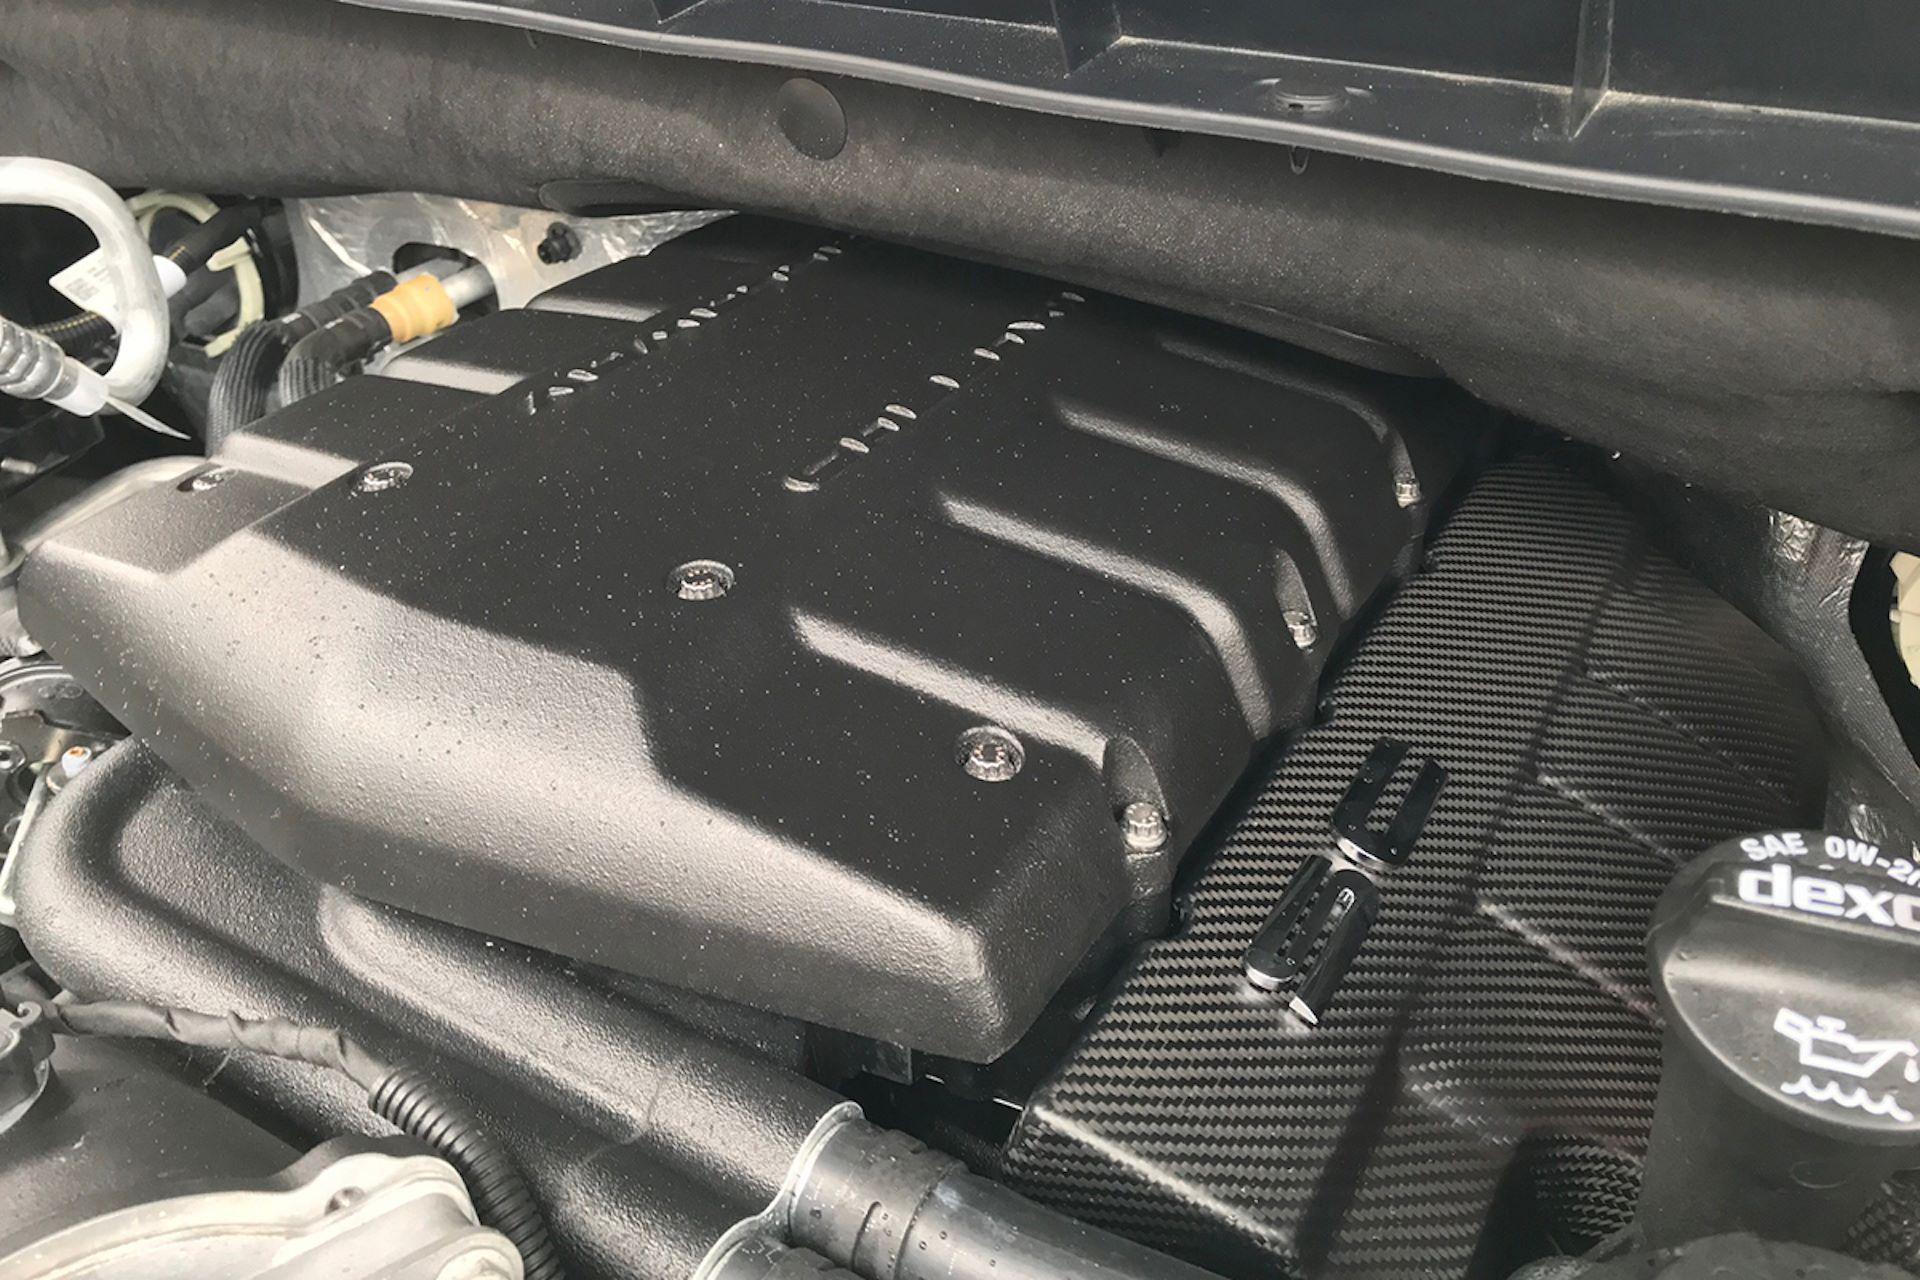 Chevrolet-Silverado-Signature-Edition-by-Callaway-10